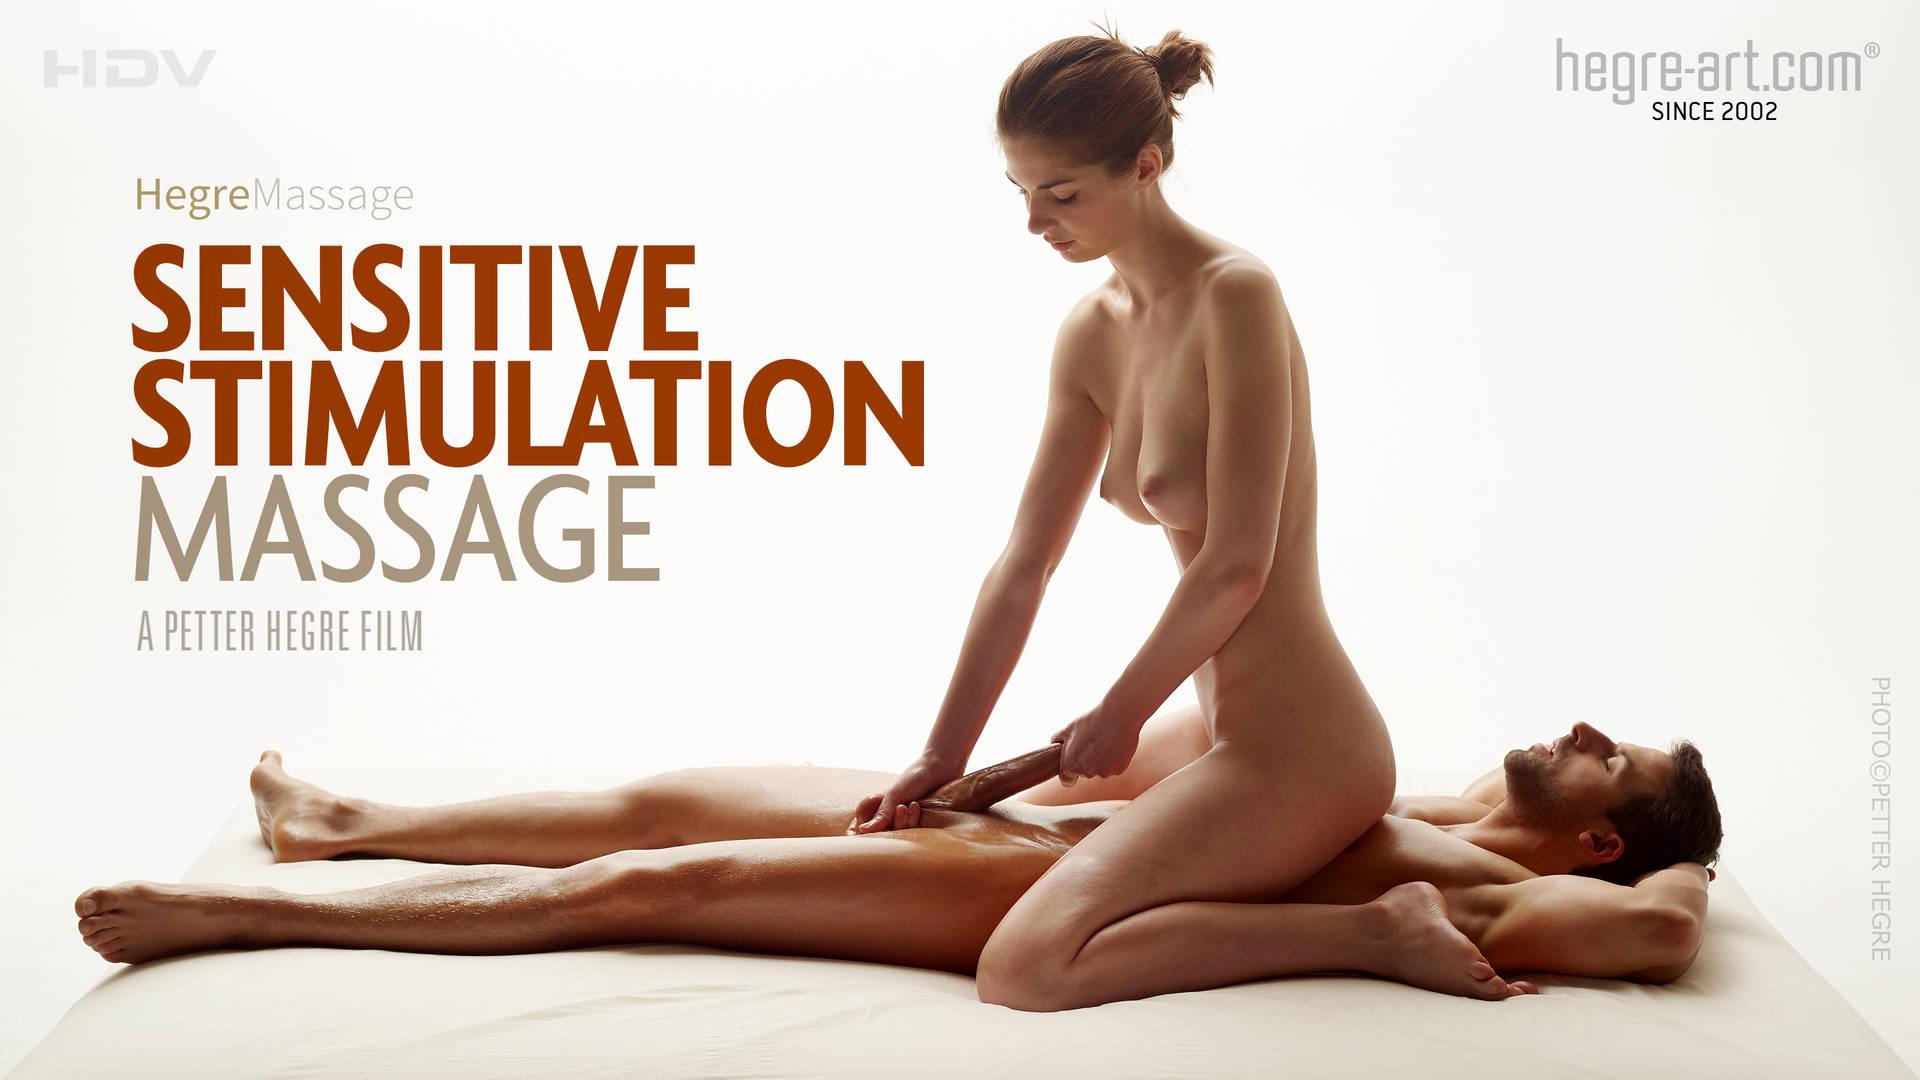 Sexe Tantrique - Videos Porno Gratuites de Sexe Tantrique